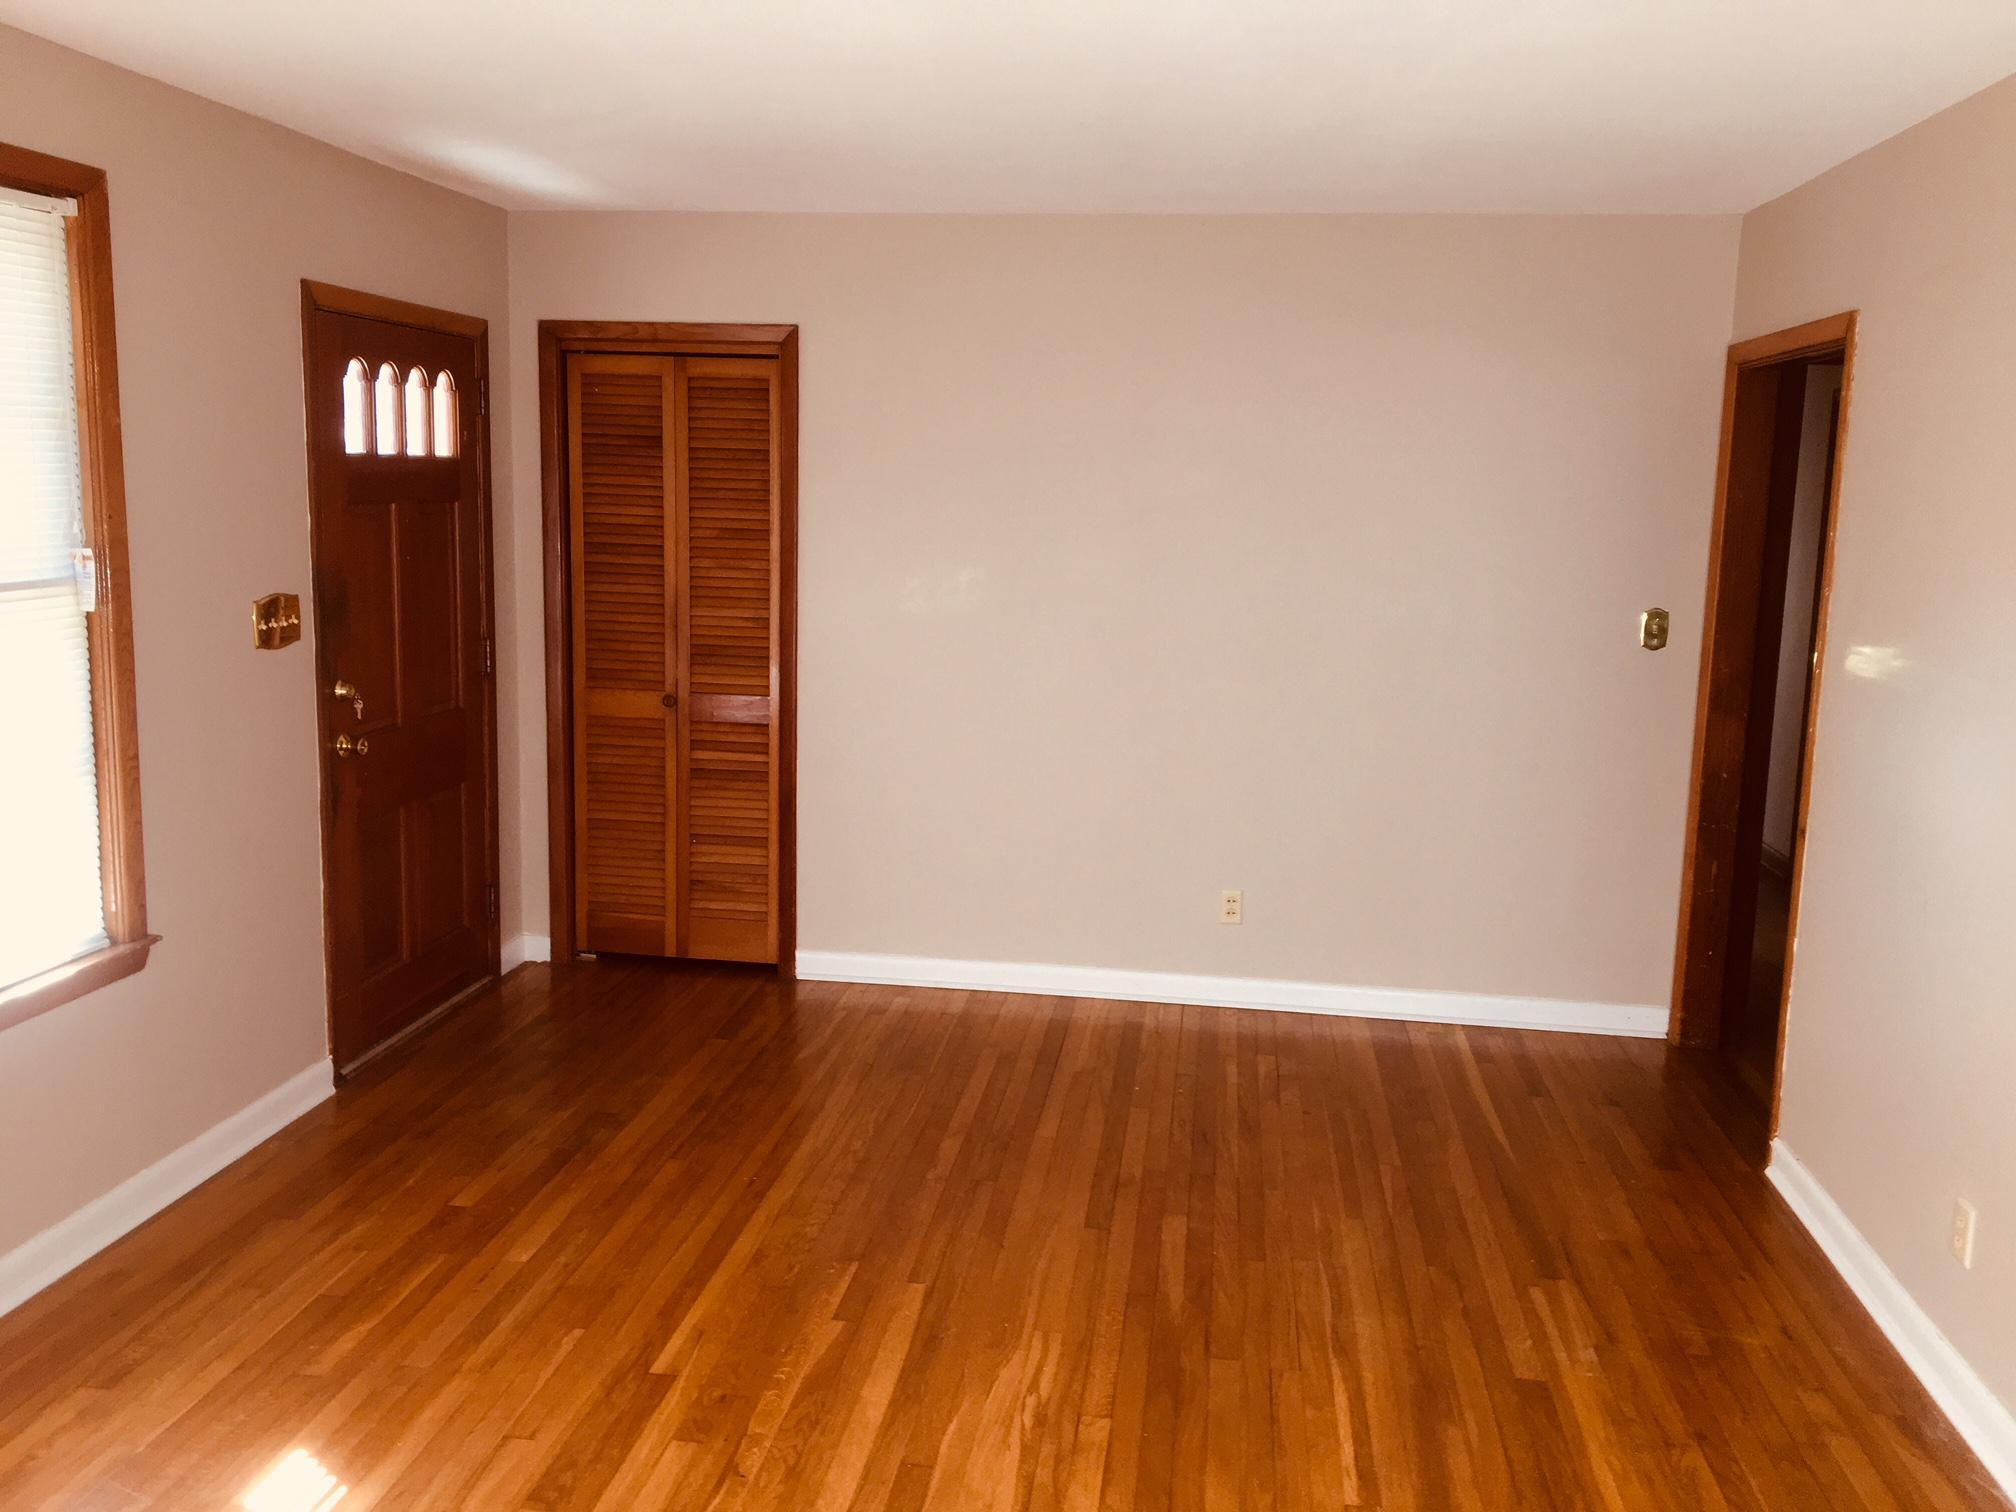 Shemwood Homes For Sale - 1146 Saint Elizabeth, Mount Pleasant, SC - 2